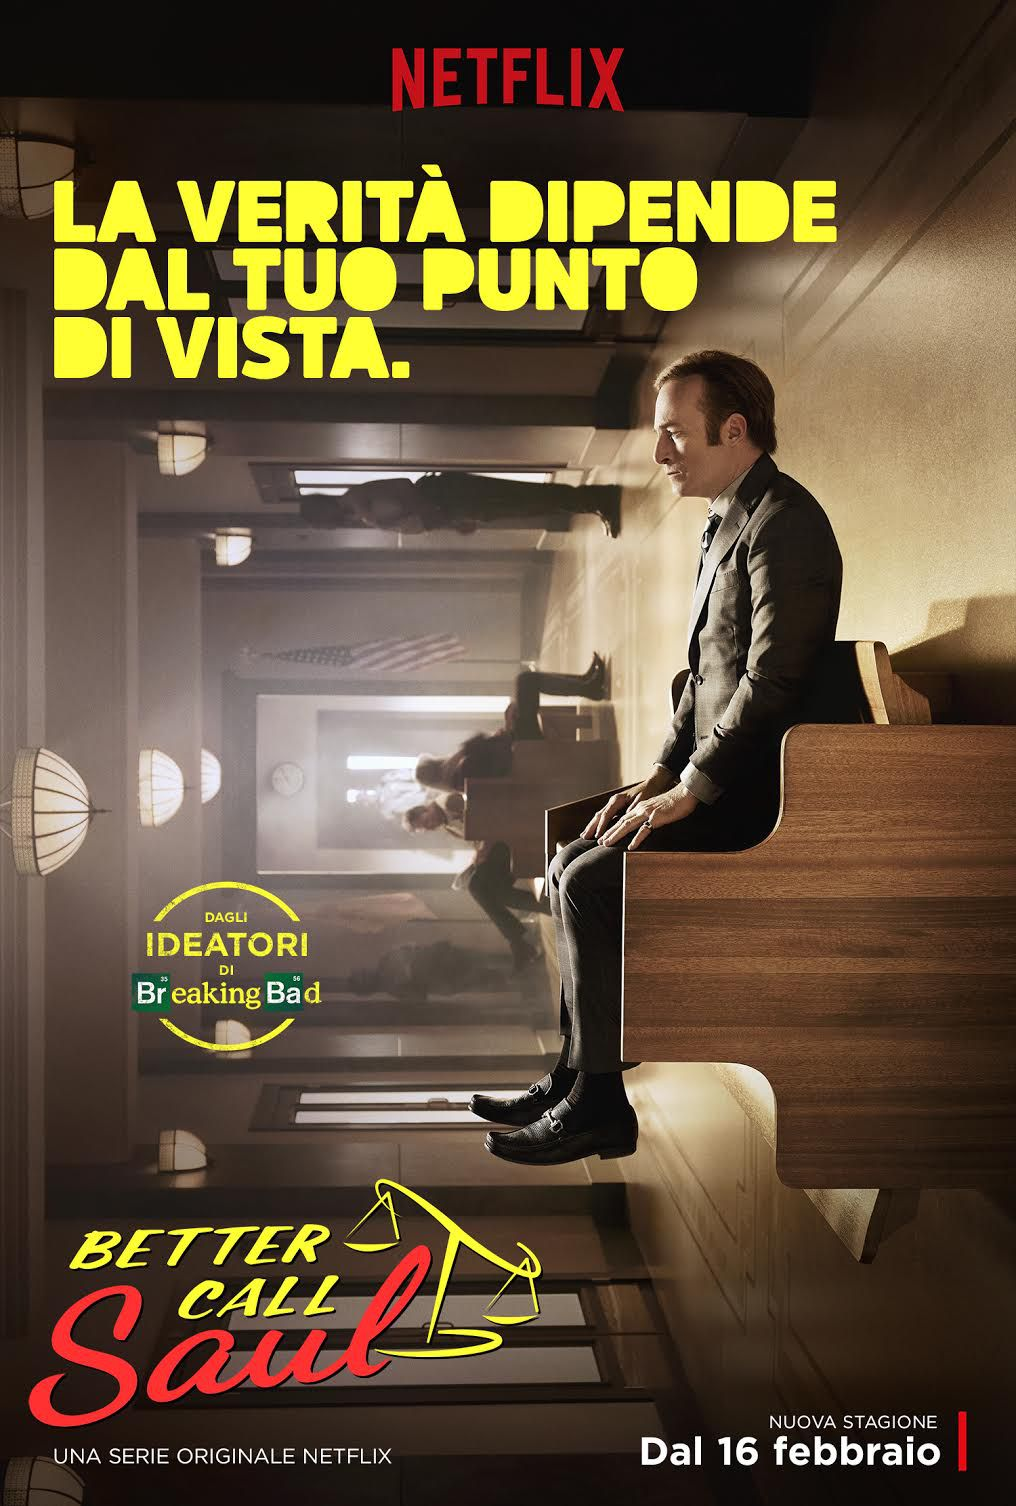 Better Call Saul S02 Italia Locandina